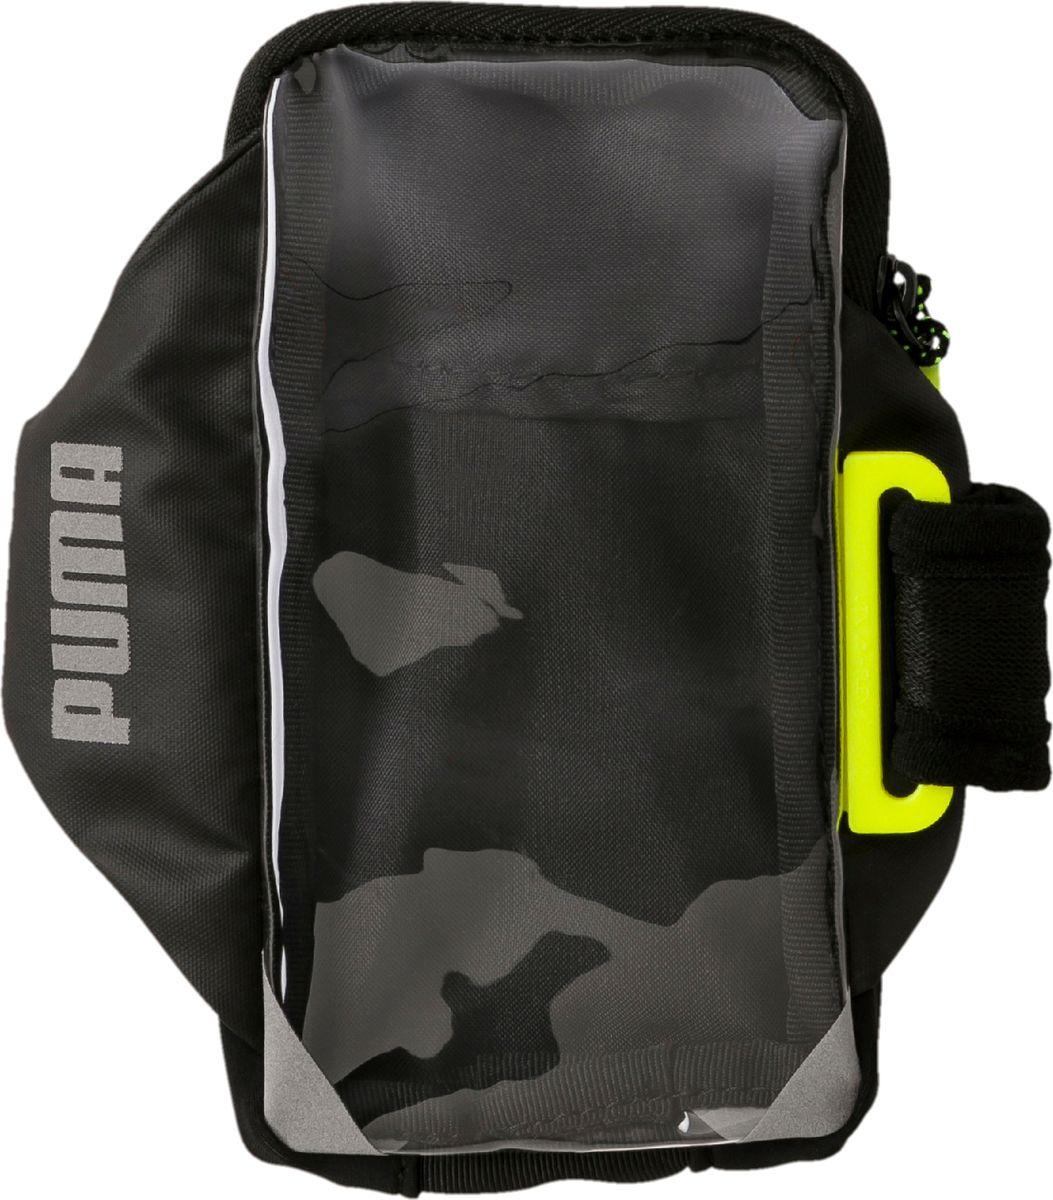 Чехол для сотового телефона на руку Puma PR Mobile Armband, 05351208, черный, размер L/XL цена